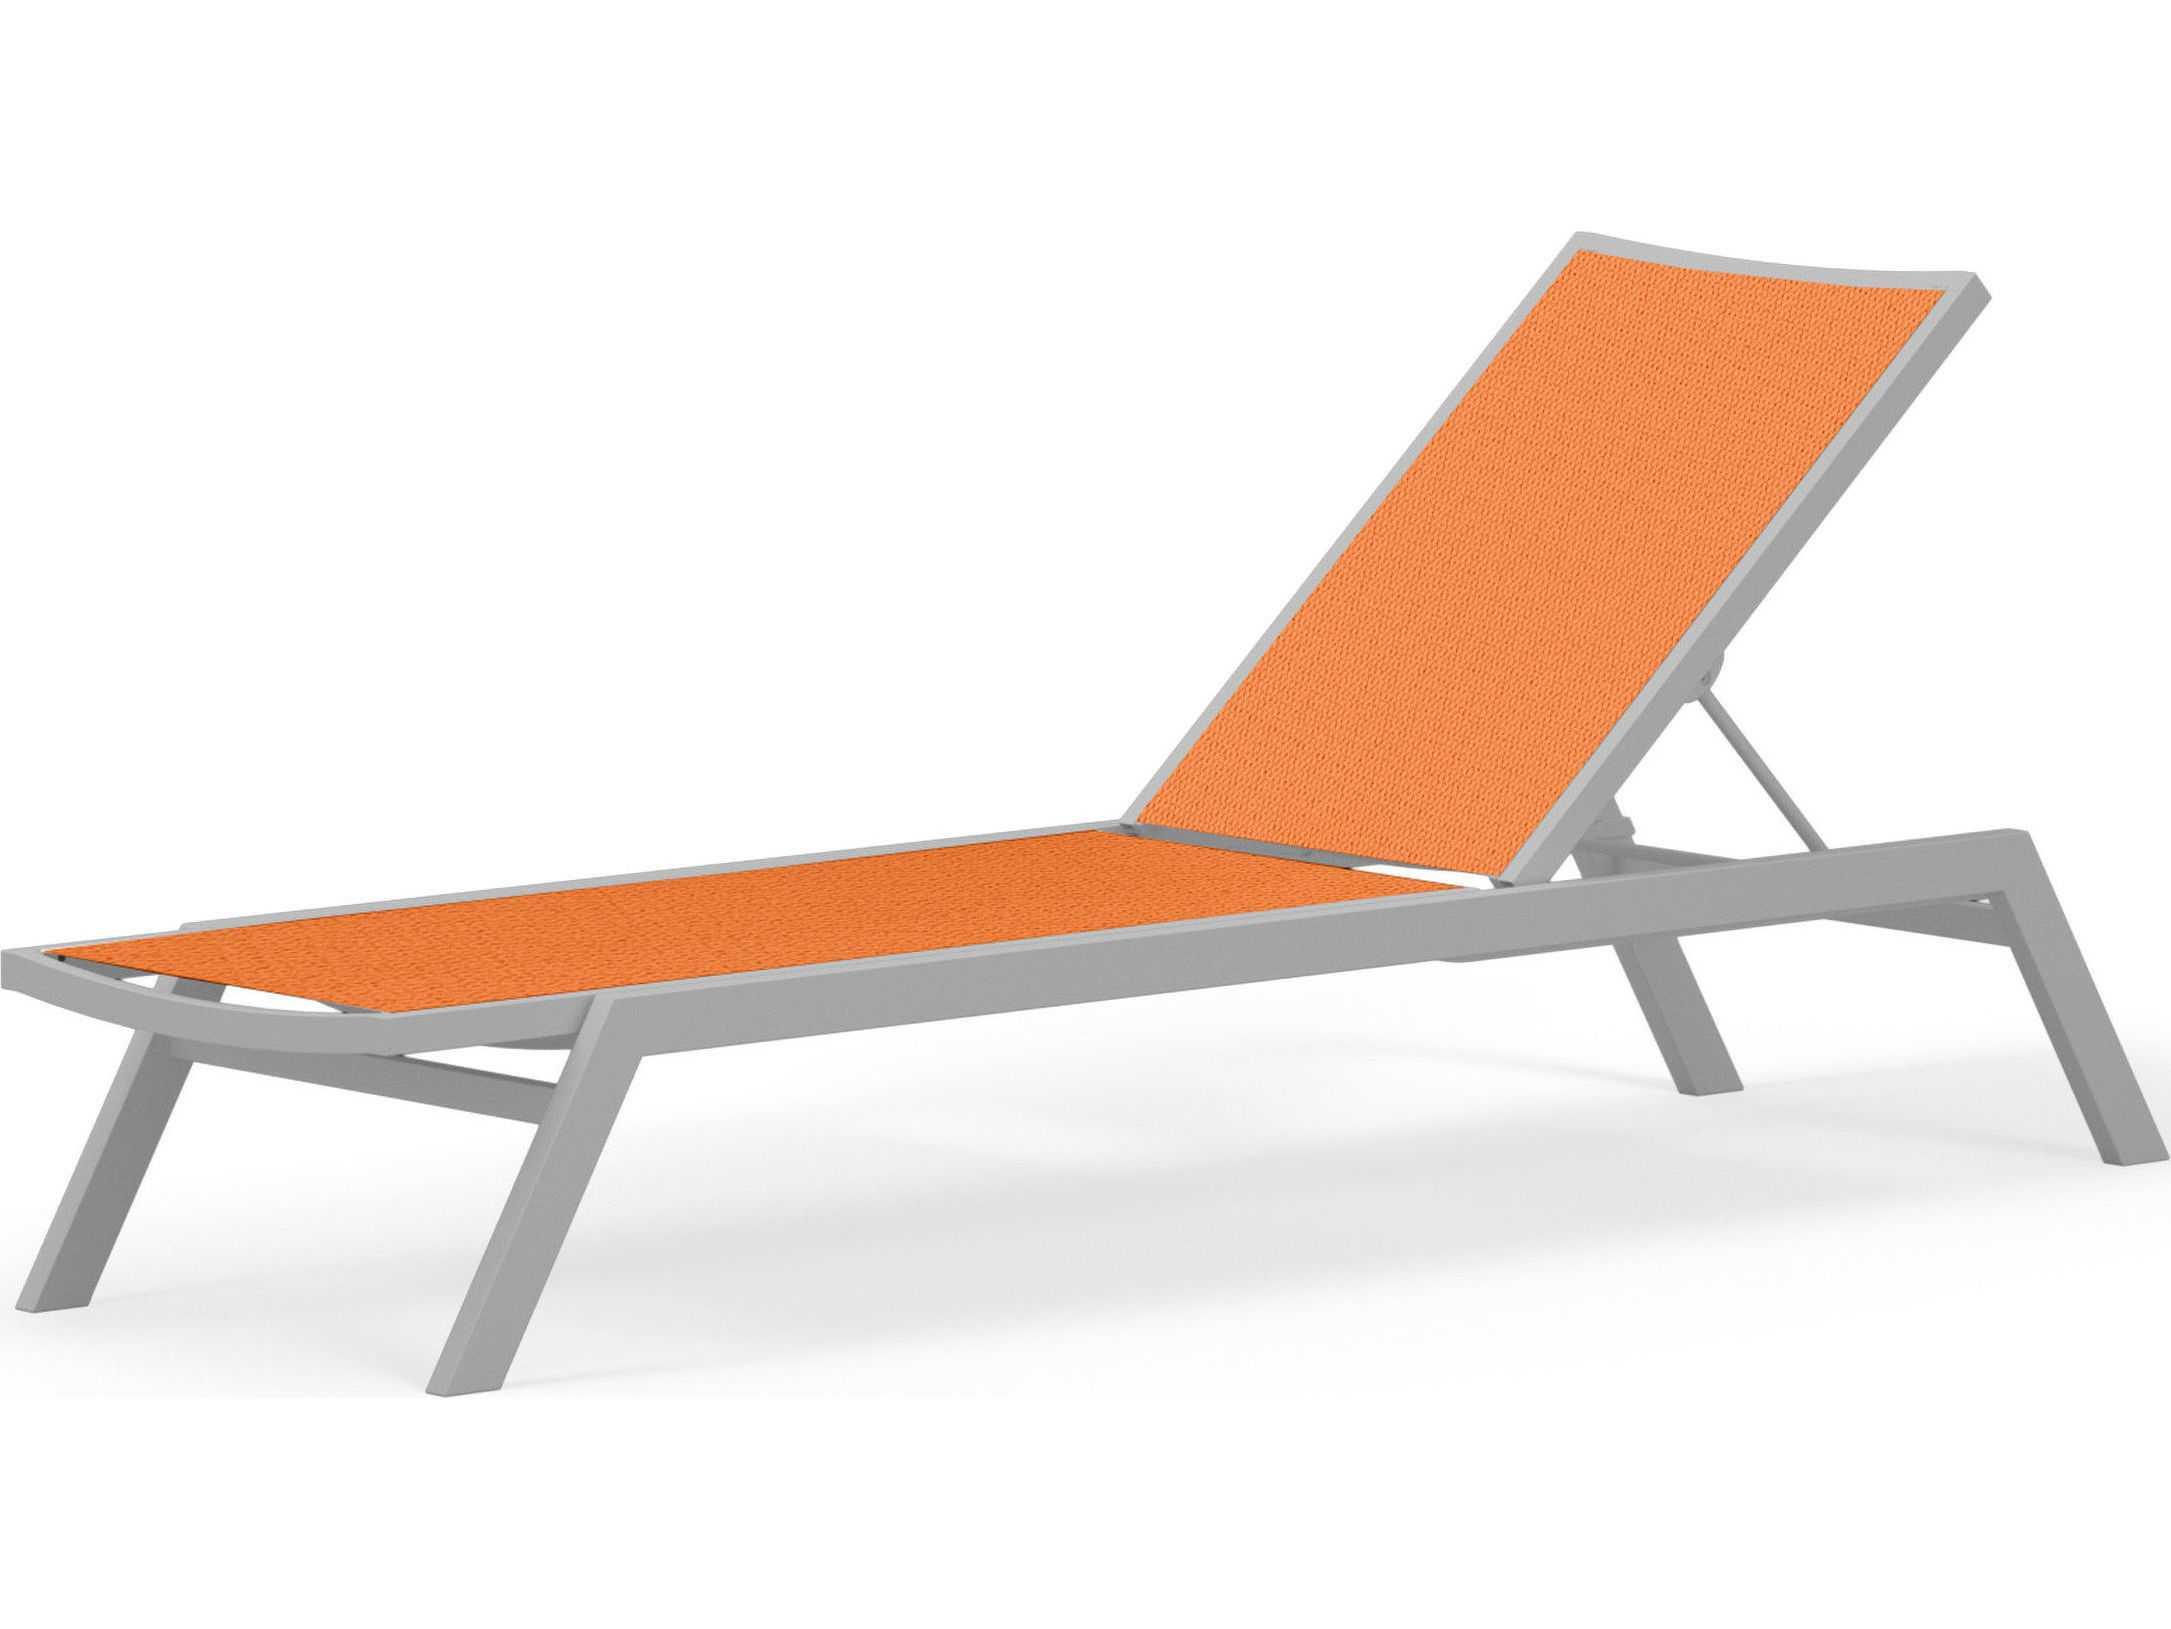 Polywood bayline sling aluminum chaise lounge ac190 for Aluminum strap chaise lounge